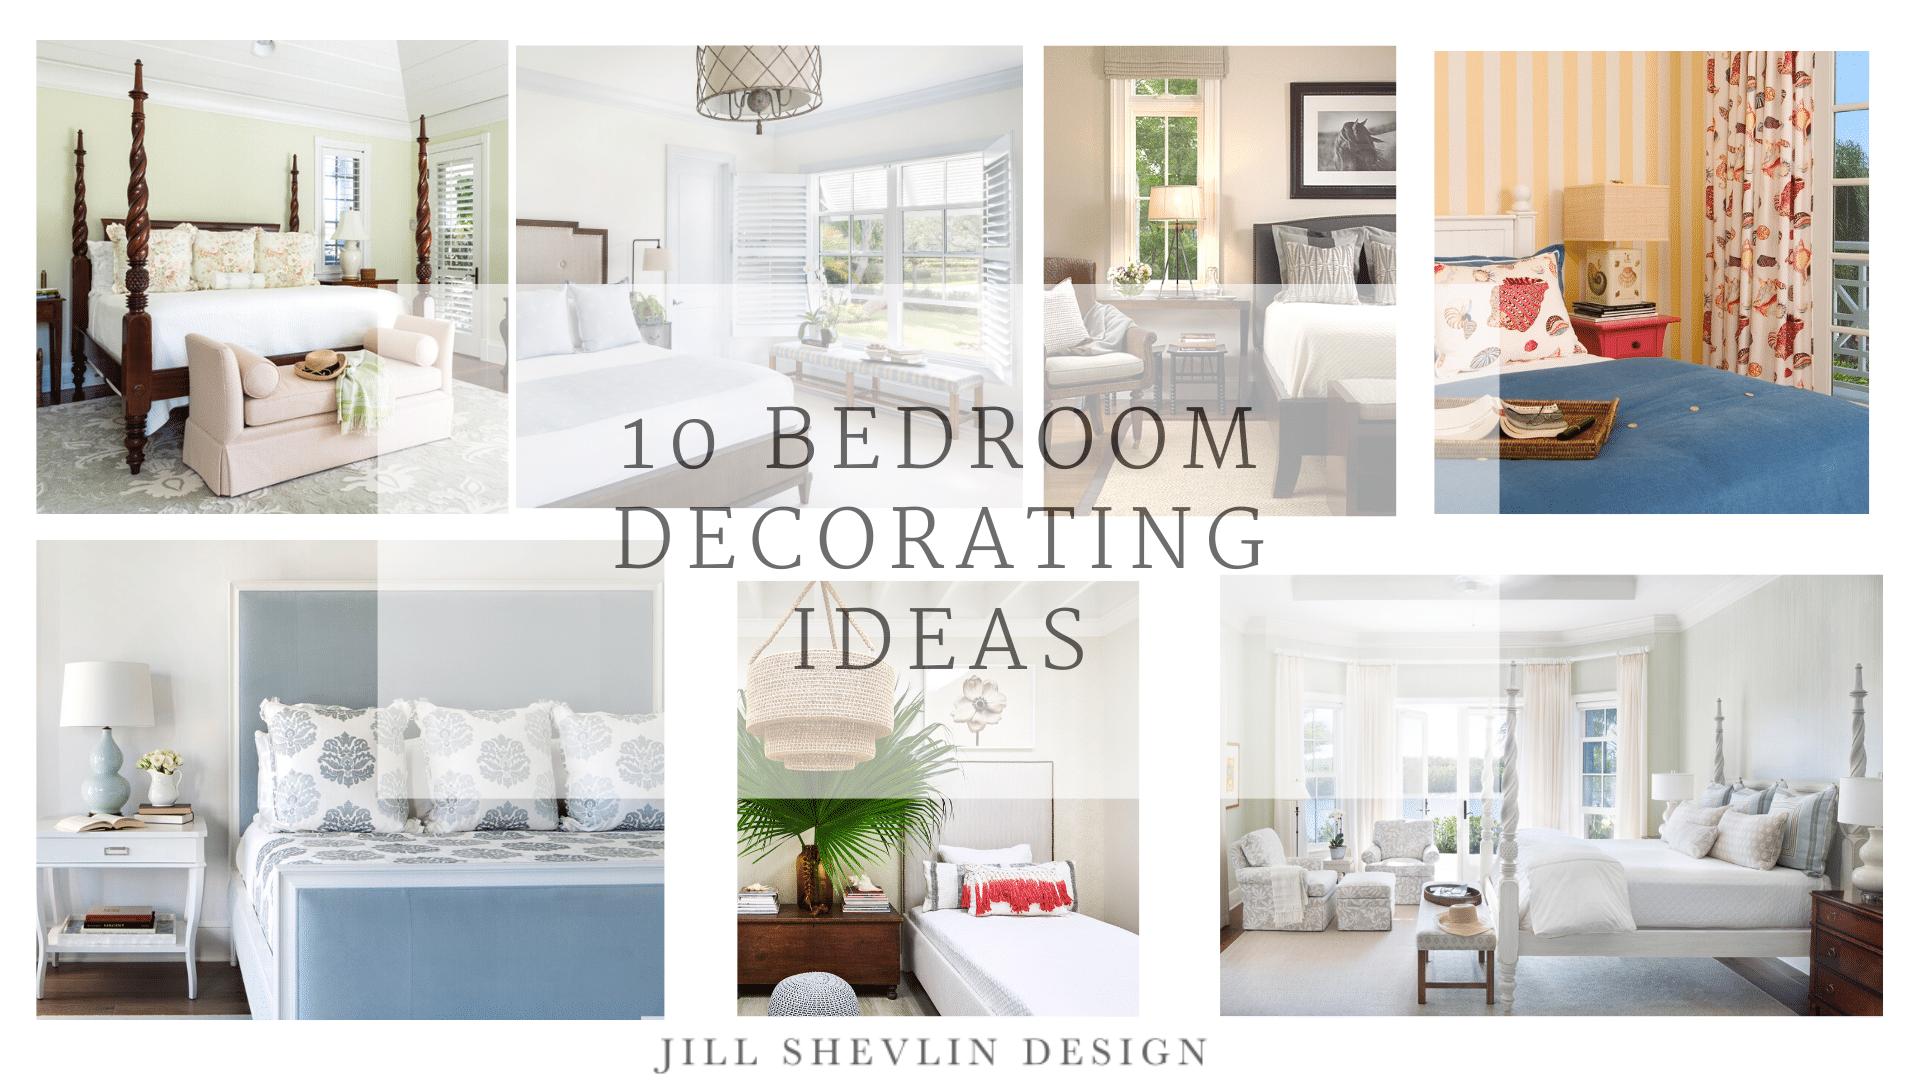 10 Bedrooom Decorating Ideas From Interior Designer Jill shevlin design vero beach